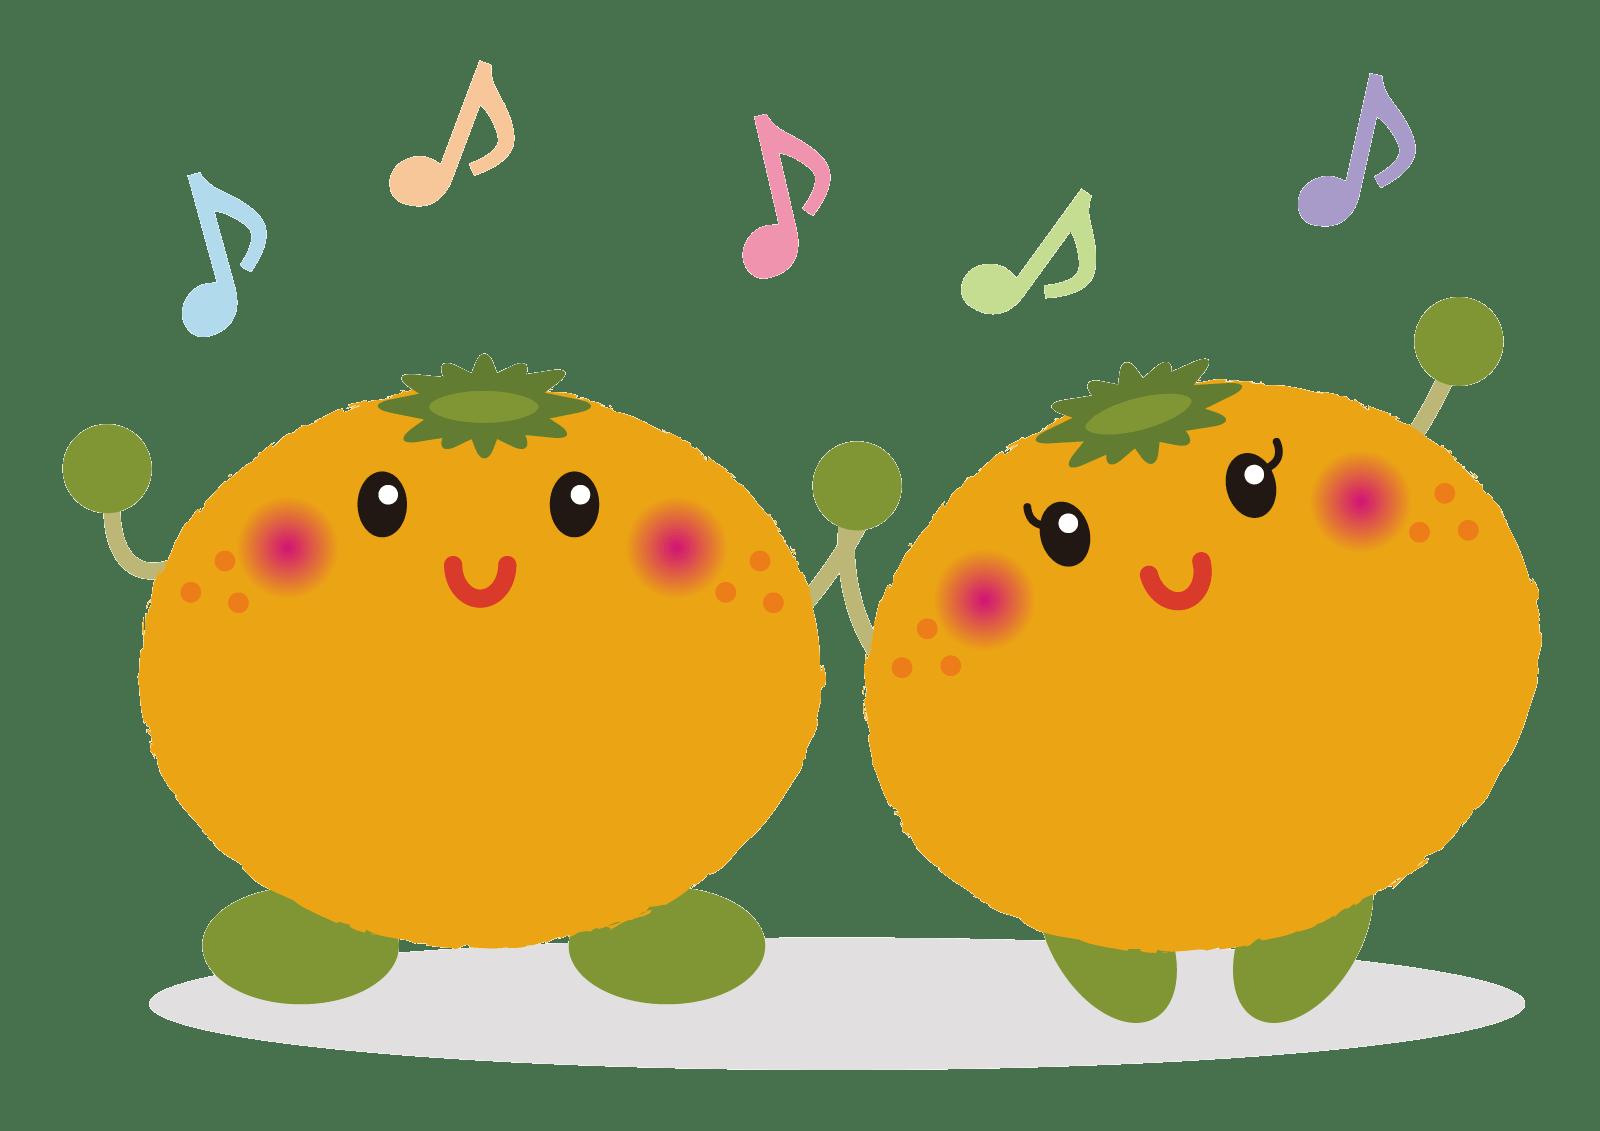 無料】みかん・オレンジのかわいいイラスト | かわいい無料イラスト